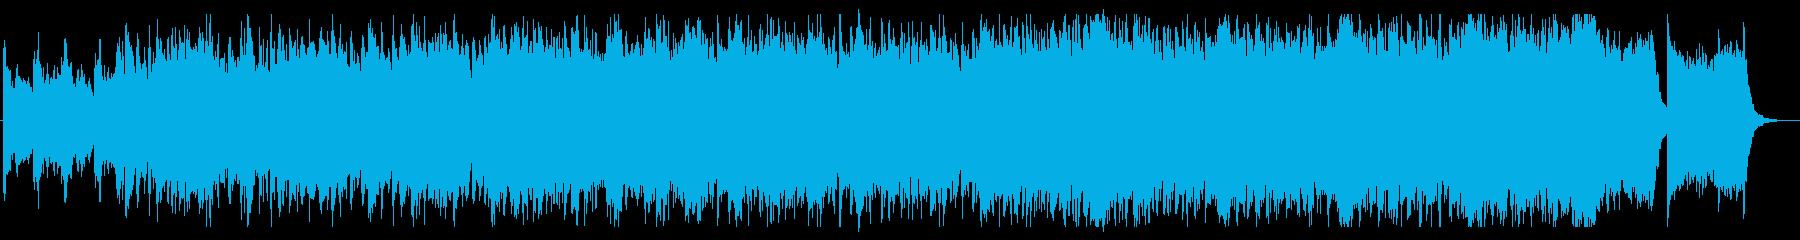 ドラマティックなオーケストラサウンドの再生済みの波形